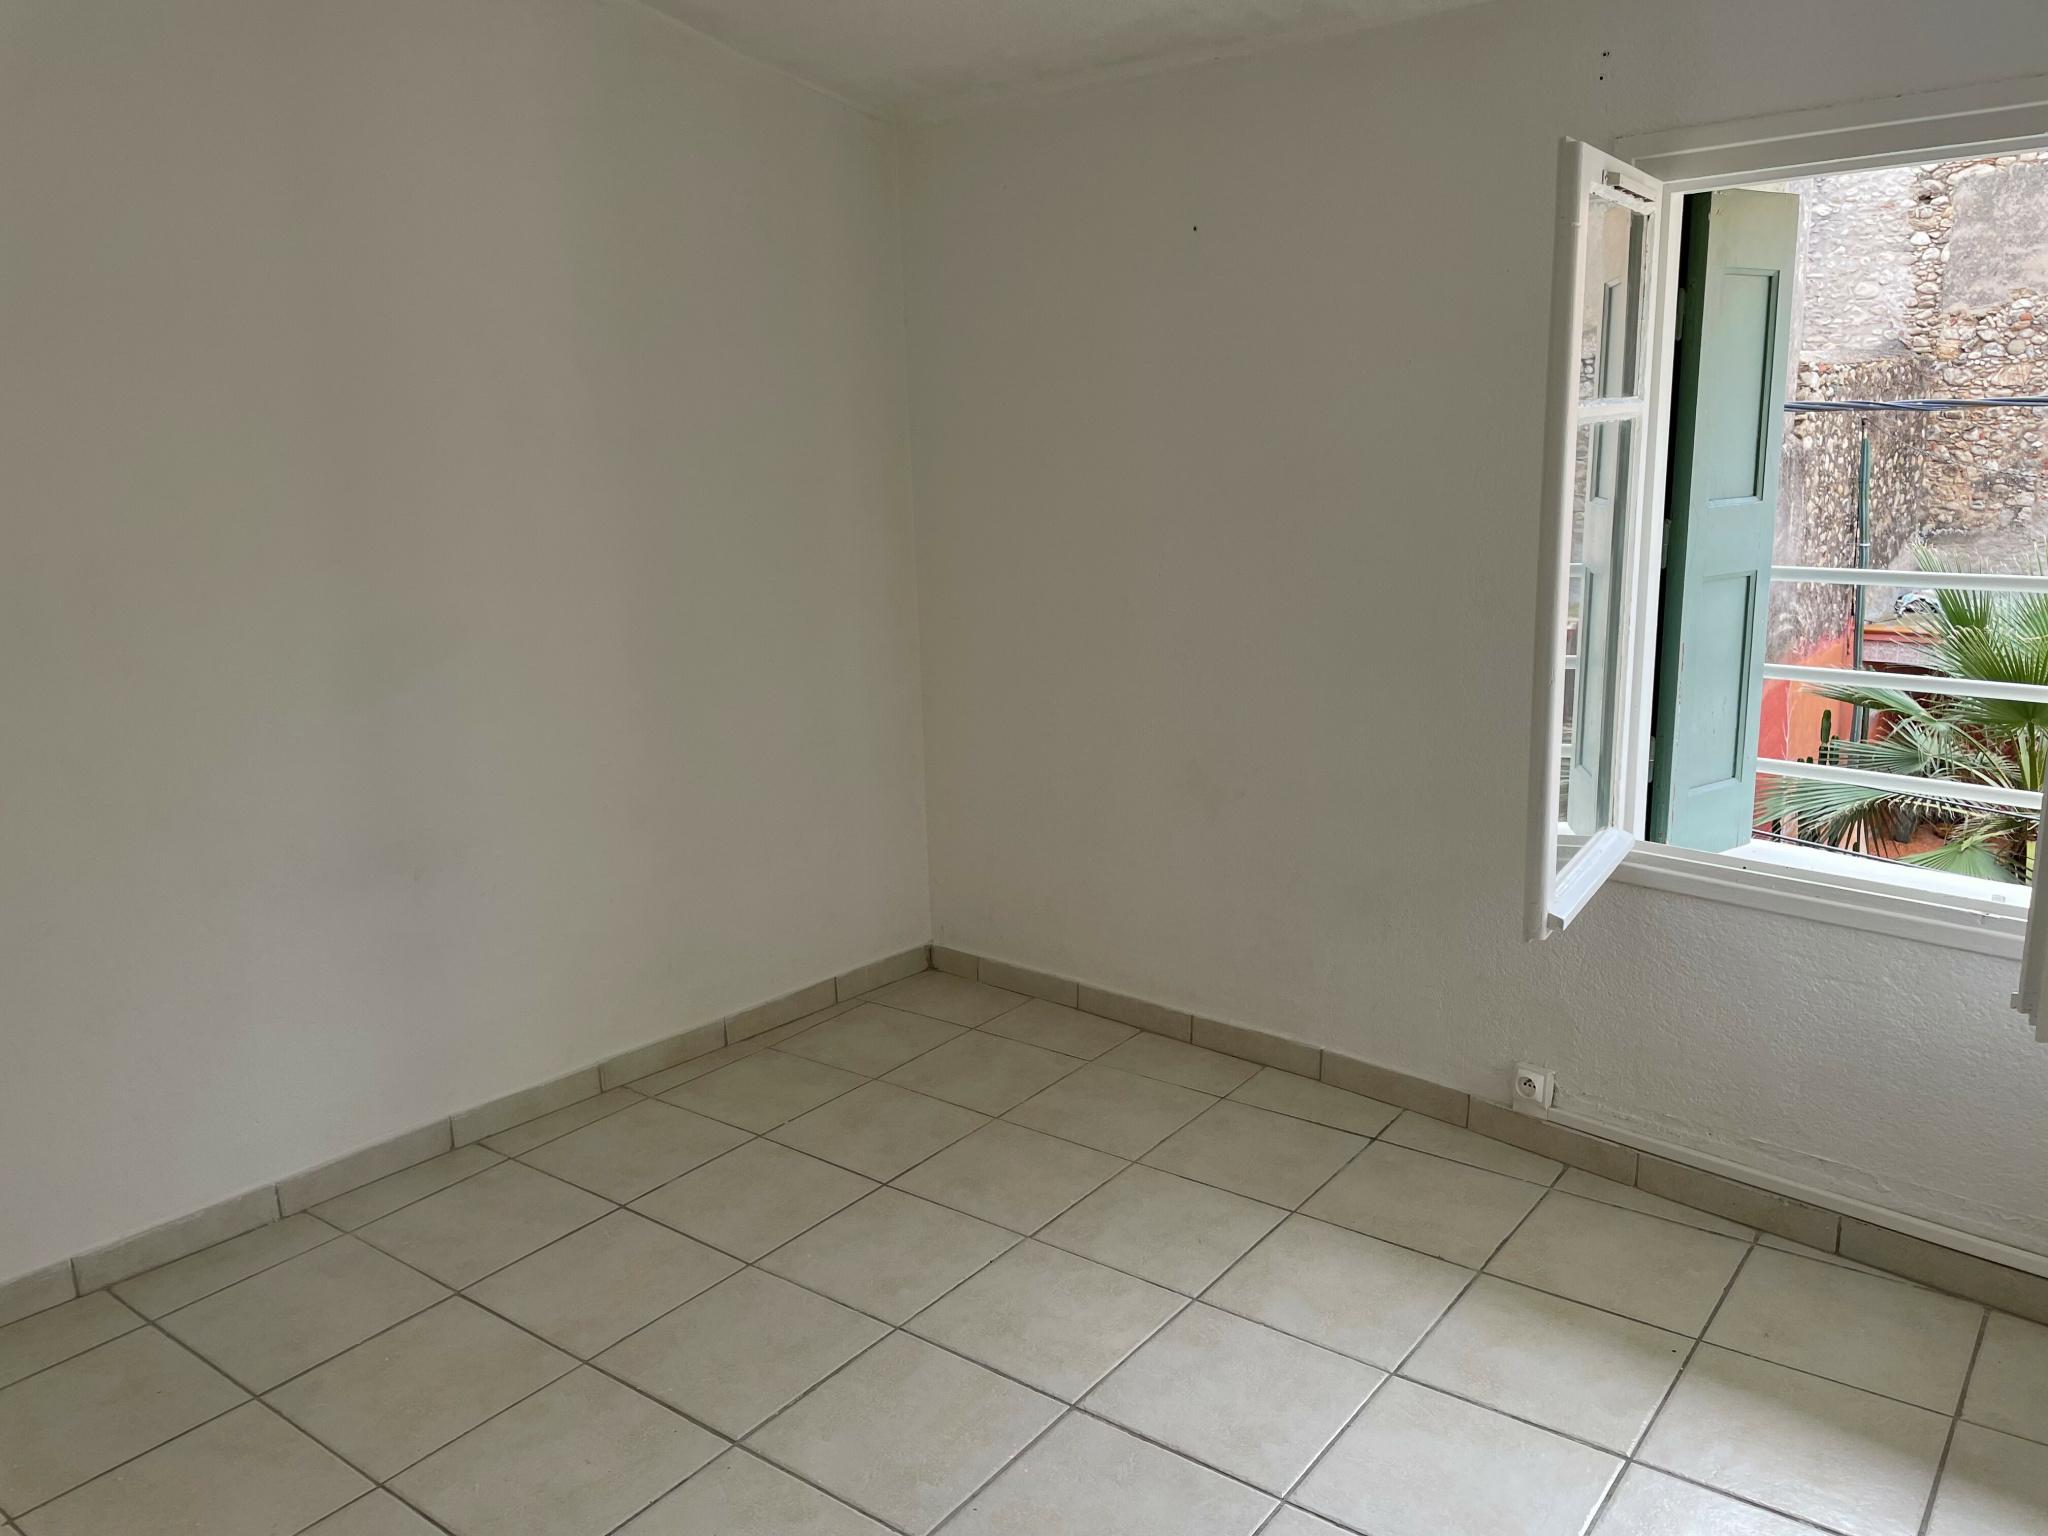 À vendre maison/villa de 41m2 à argeles sur mer (66700) - Photo 5'